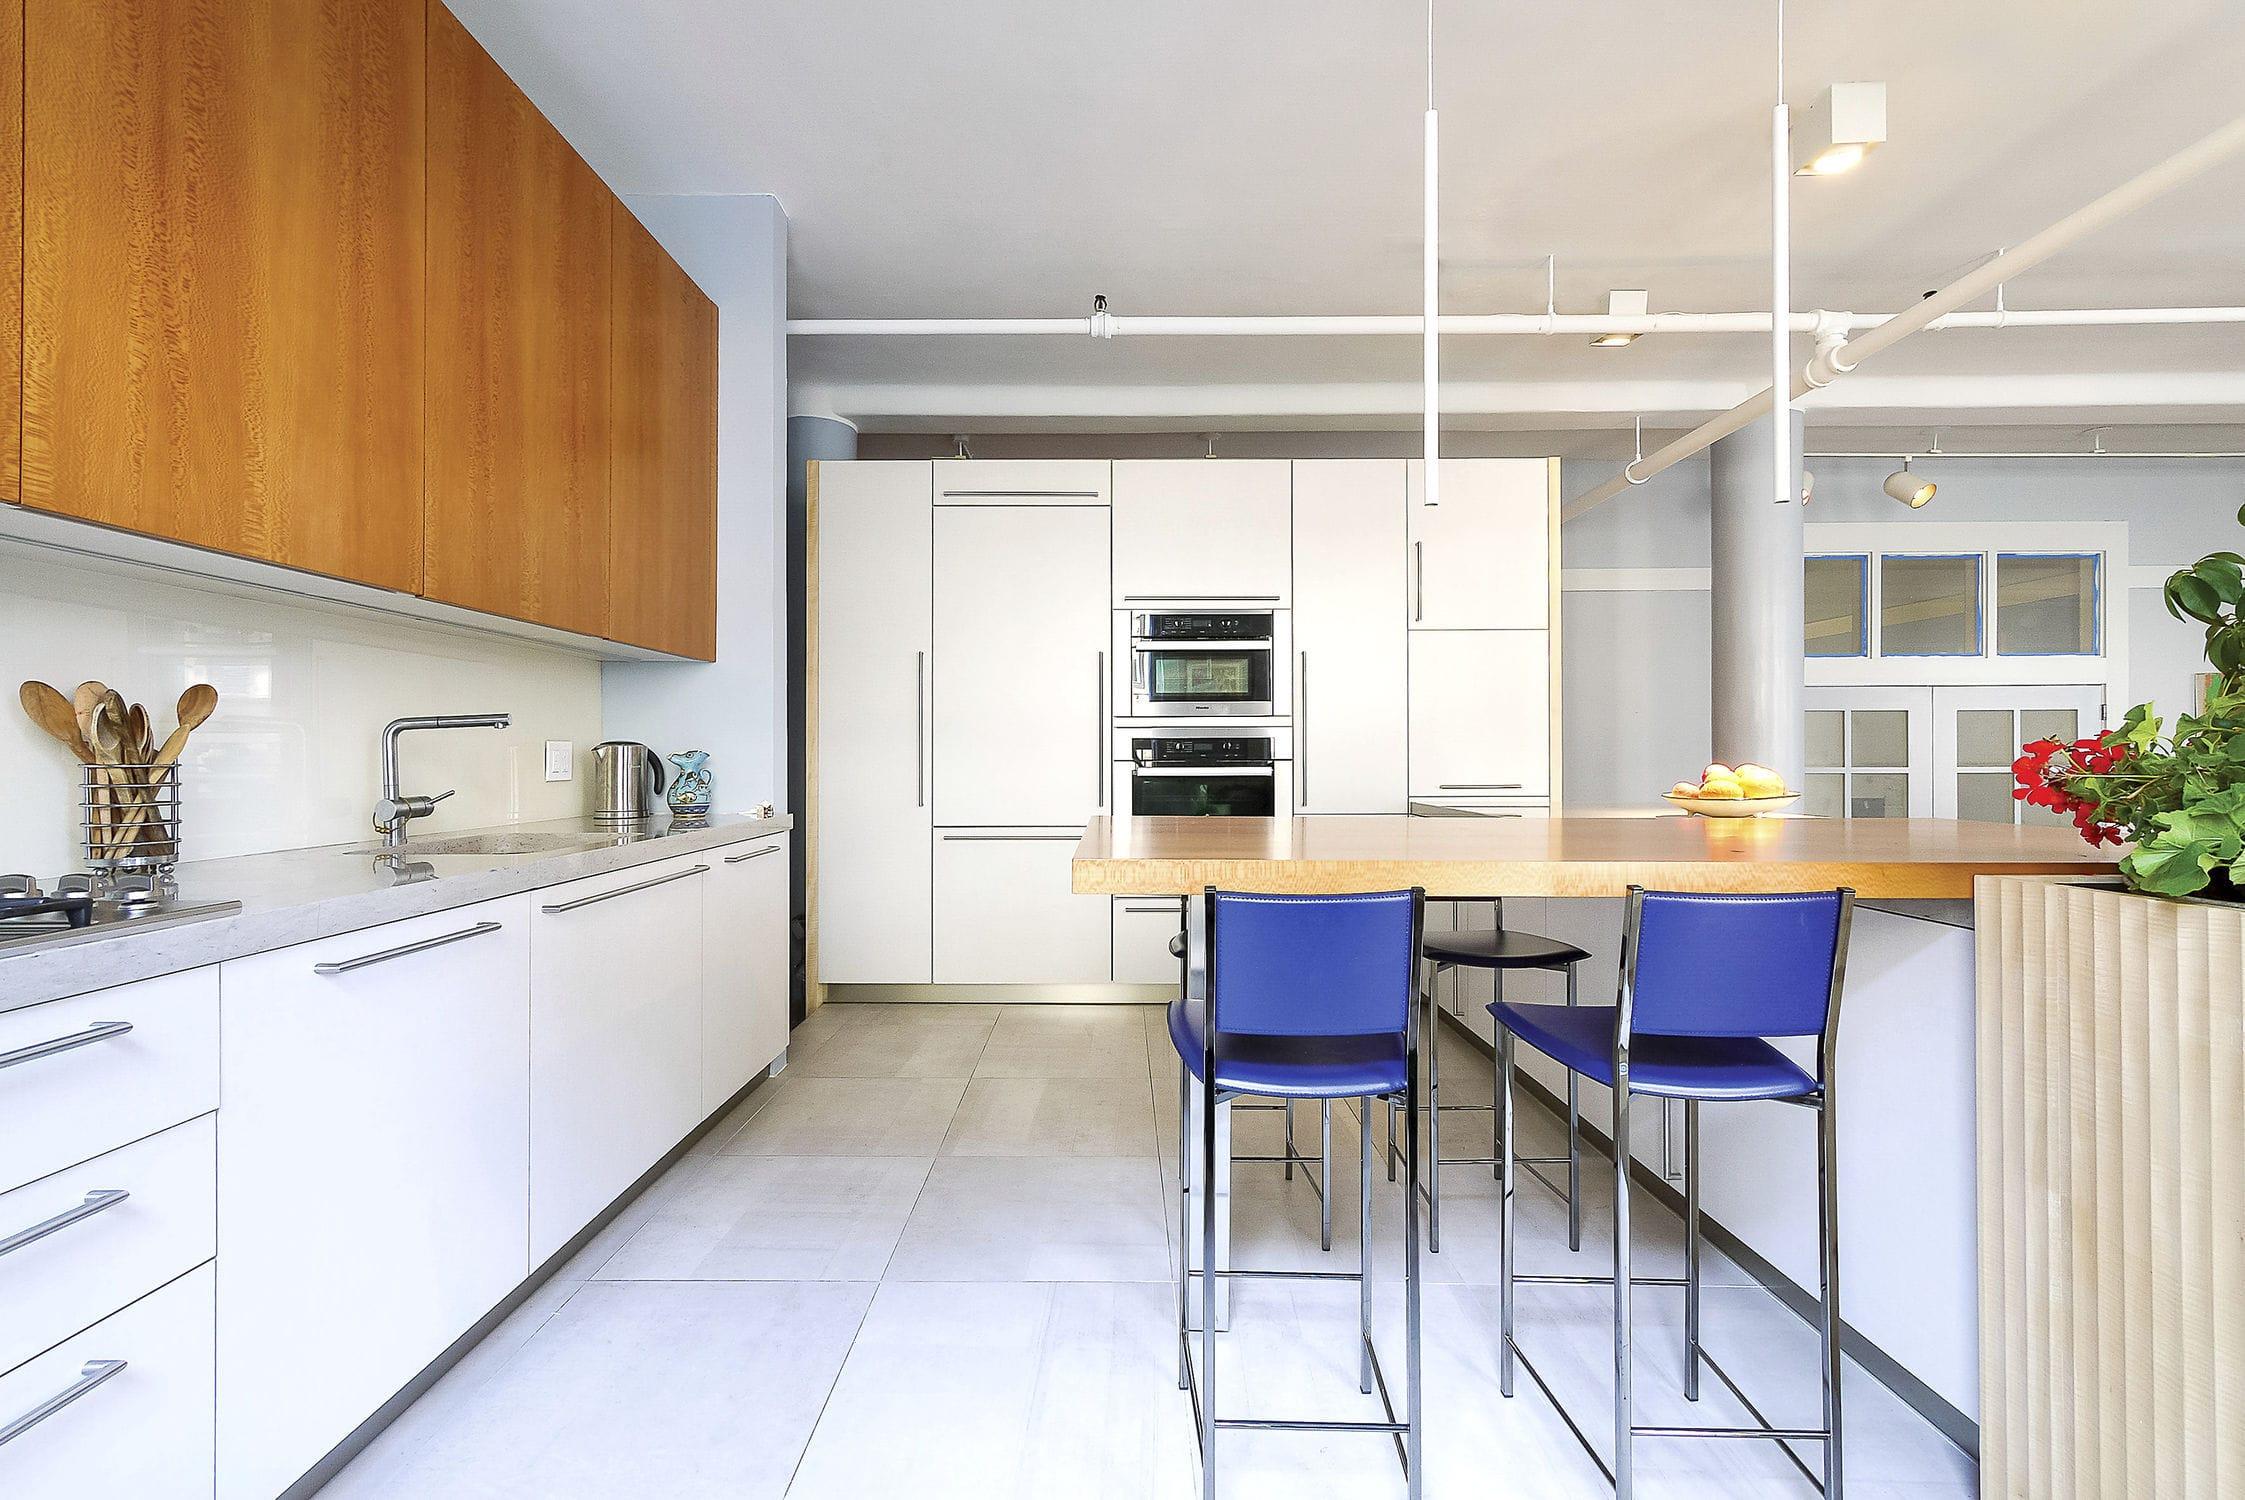 Cucina moderna / in melamminico / in pietra / in legno - 20151103 ...